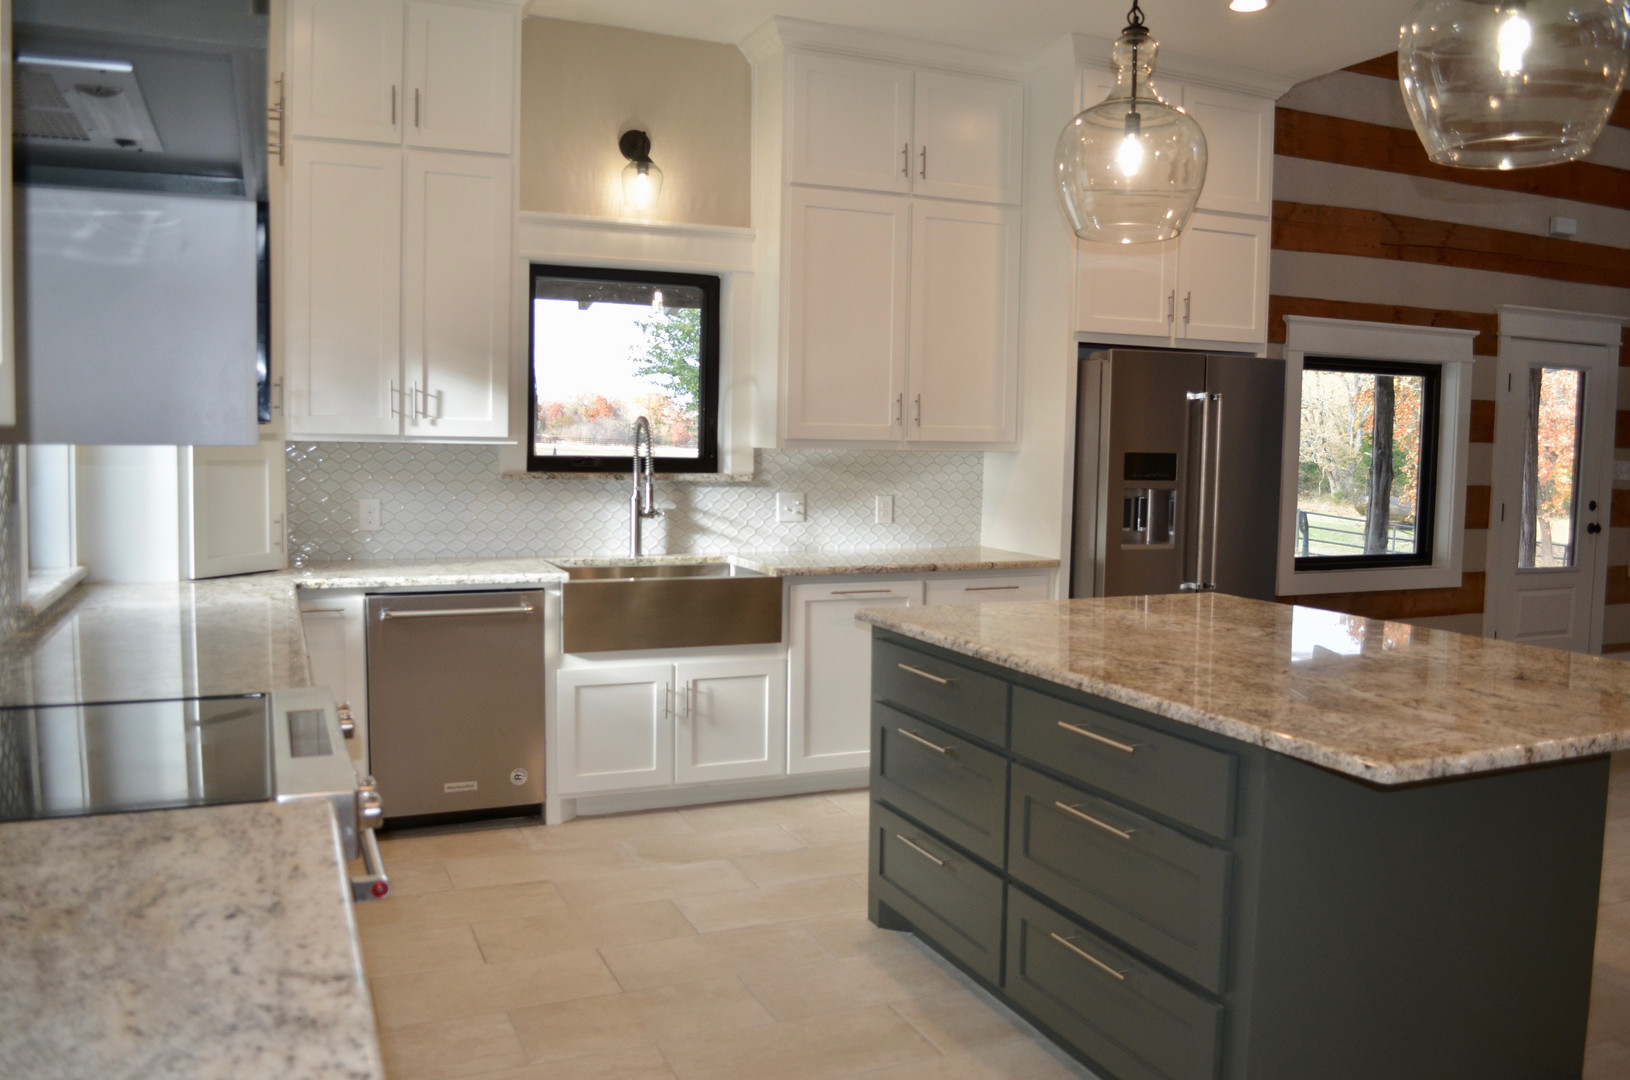 Renovated kitchen.